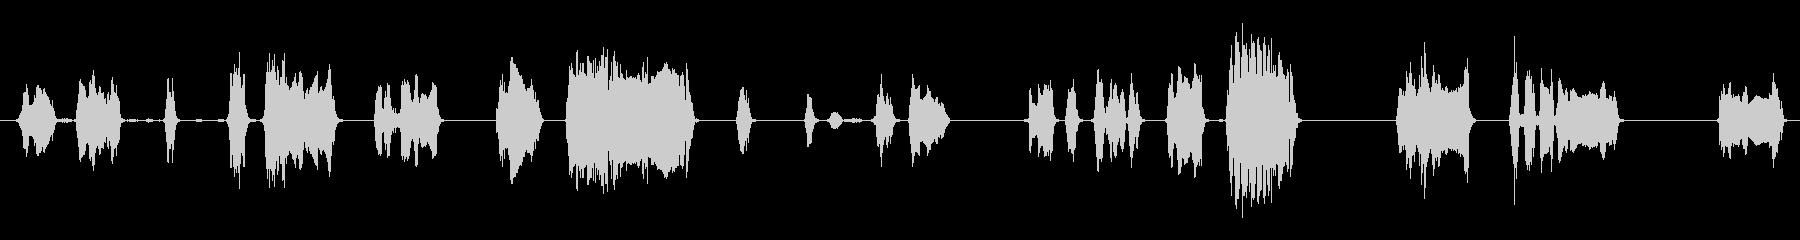 男性:おびえた悲鳴の未再生の波形